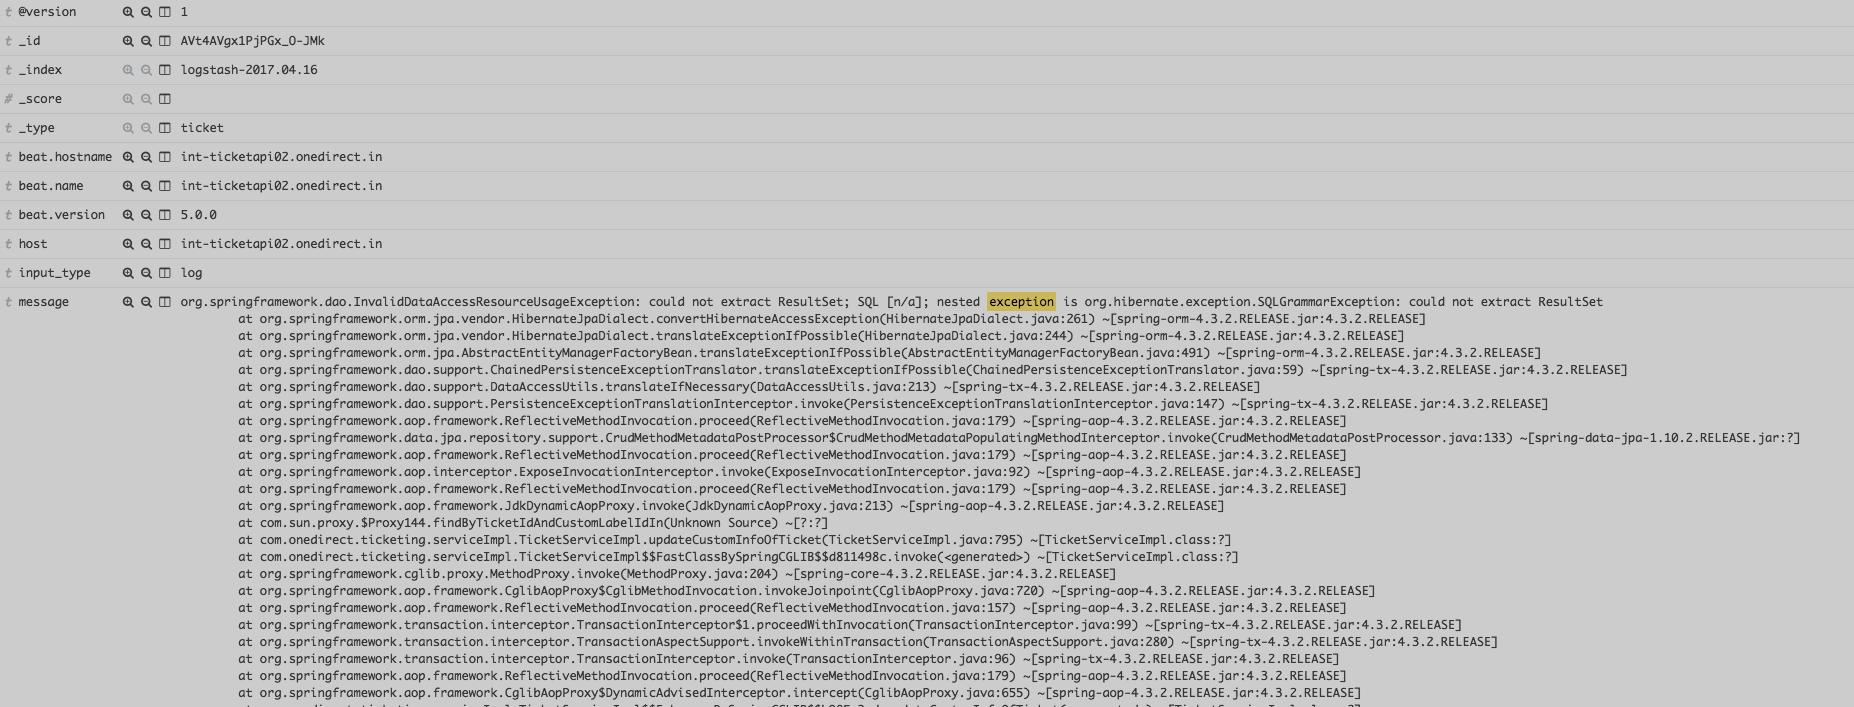 Handling stack traces in Elasticsearch Logstash Kibana (ELK